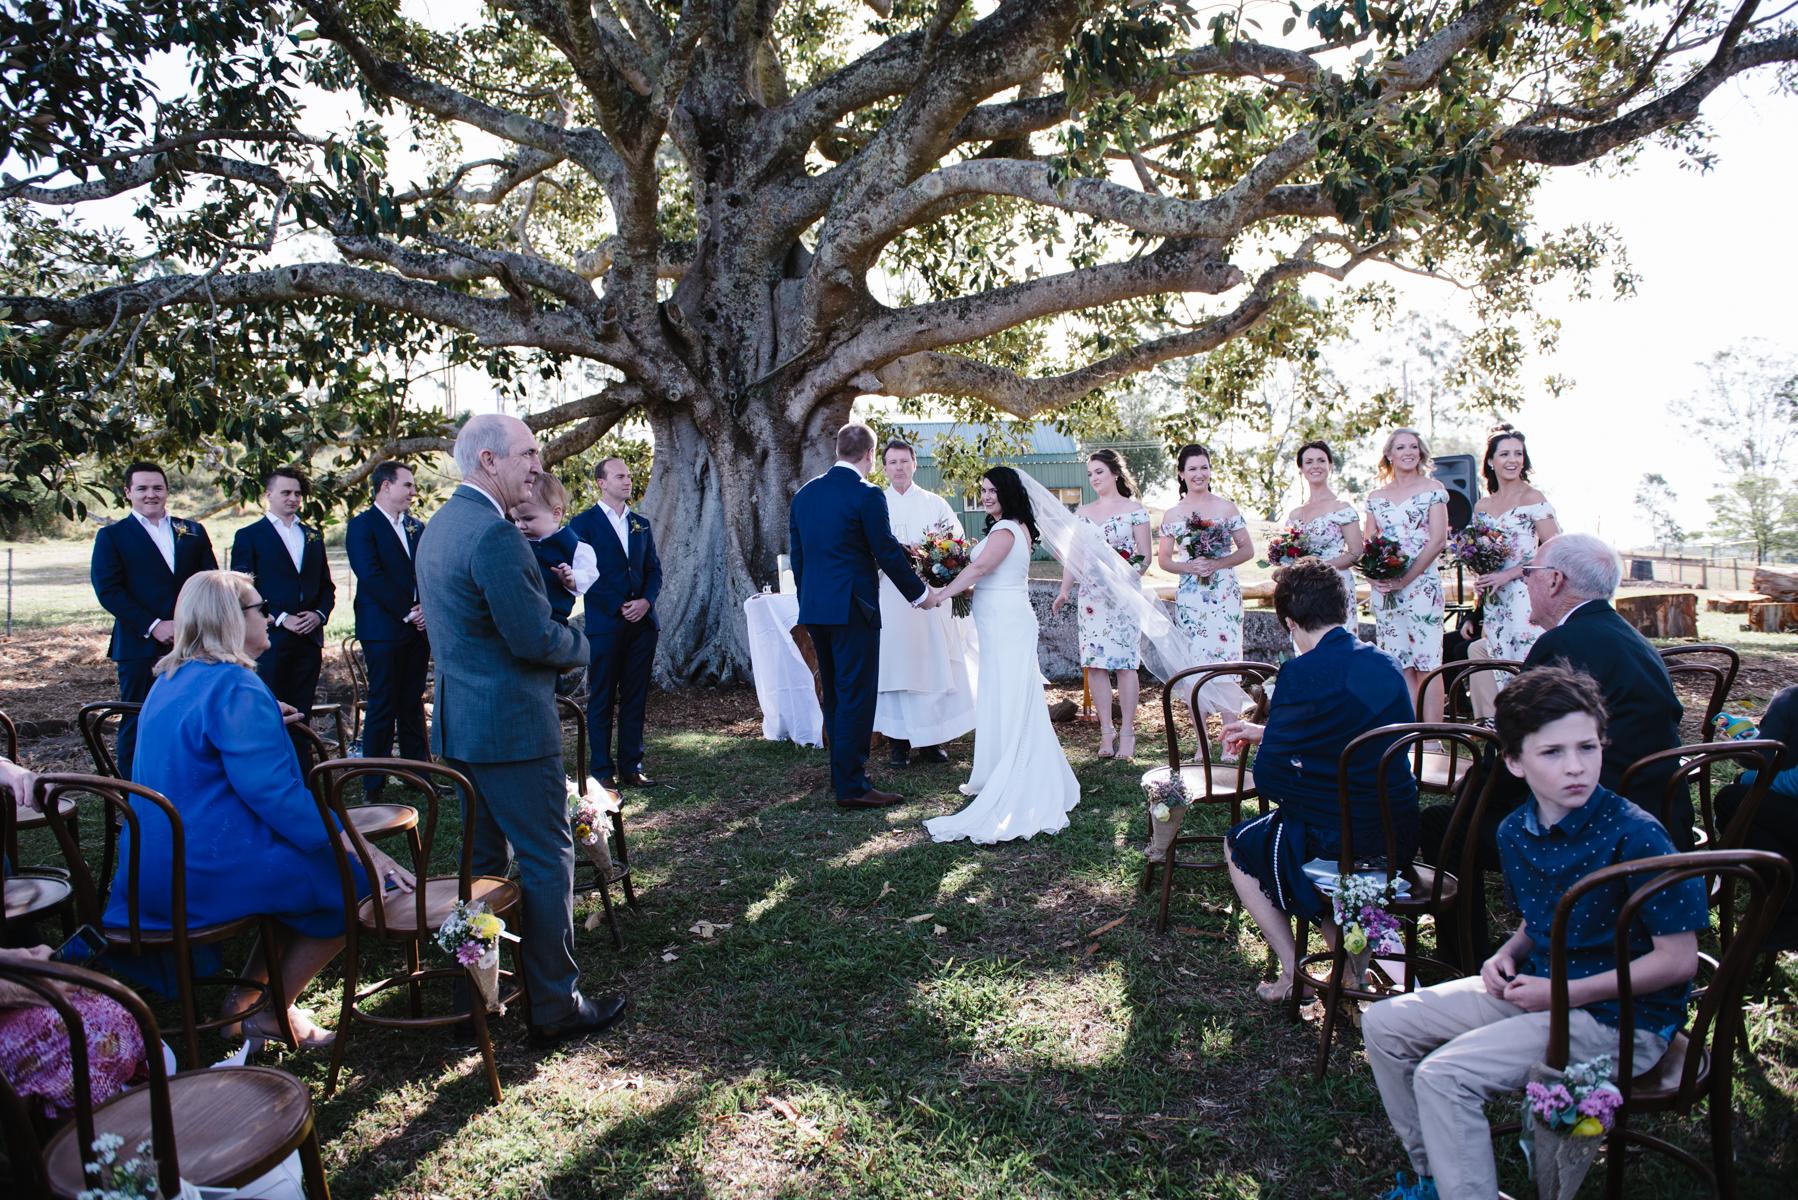 sarahandBenwedding- skyla sage photography weddings, families, byron bay,tweed coast,kingscliff,cabarita,gold coast-380.jpg